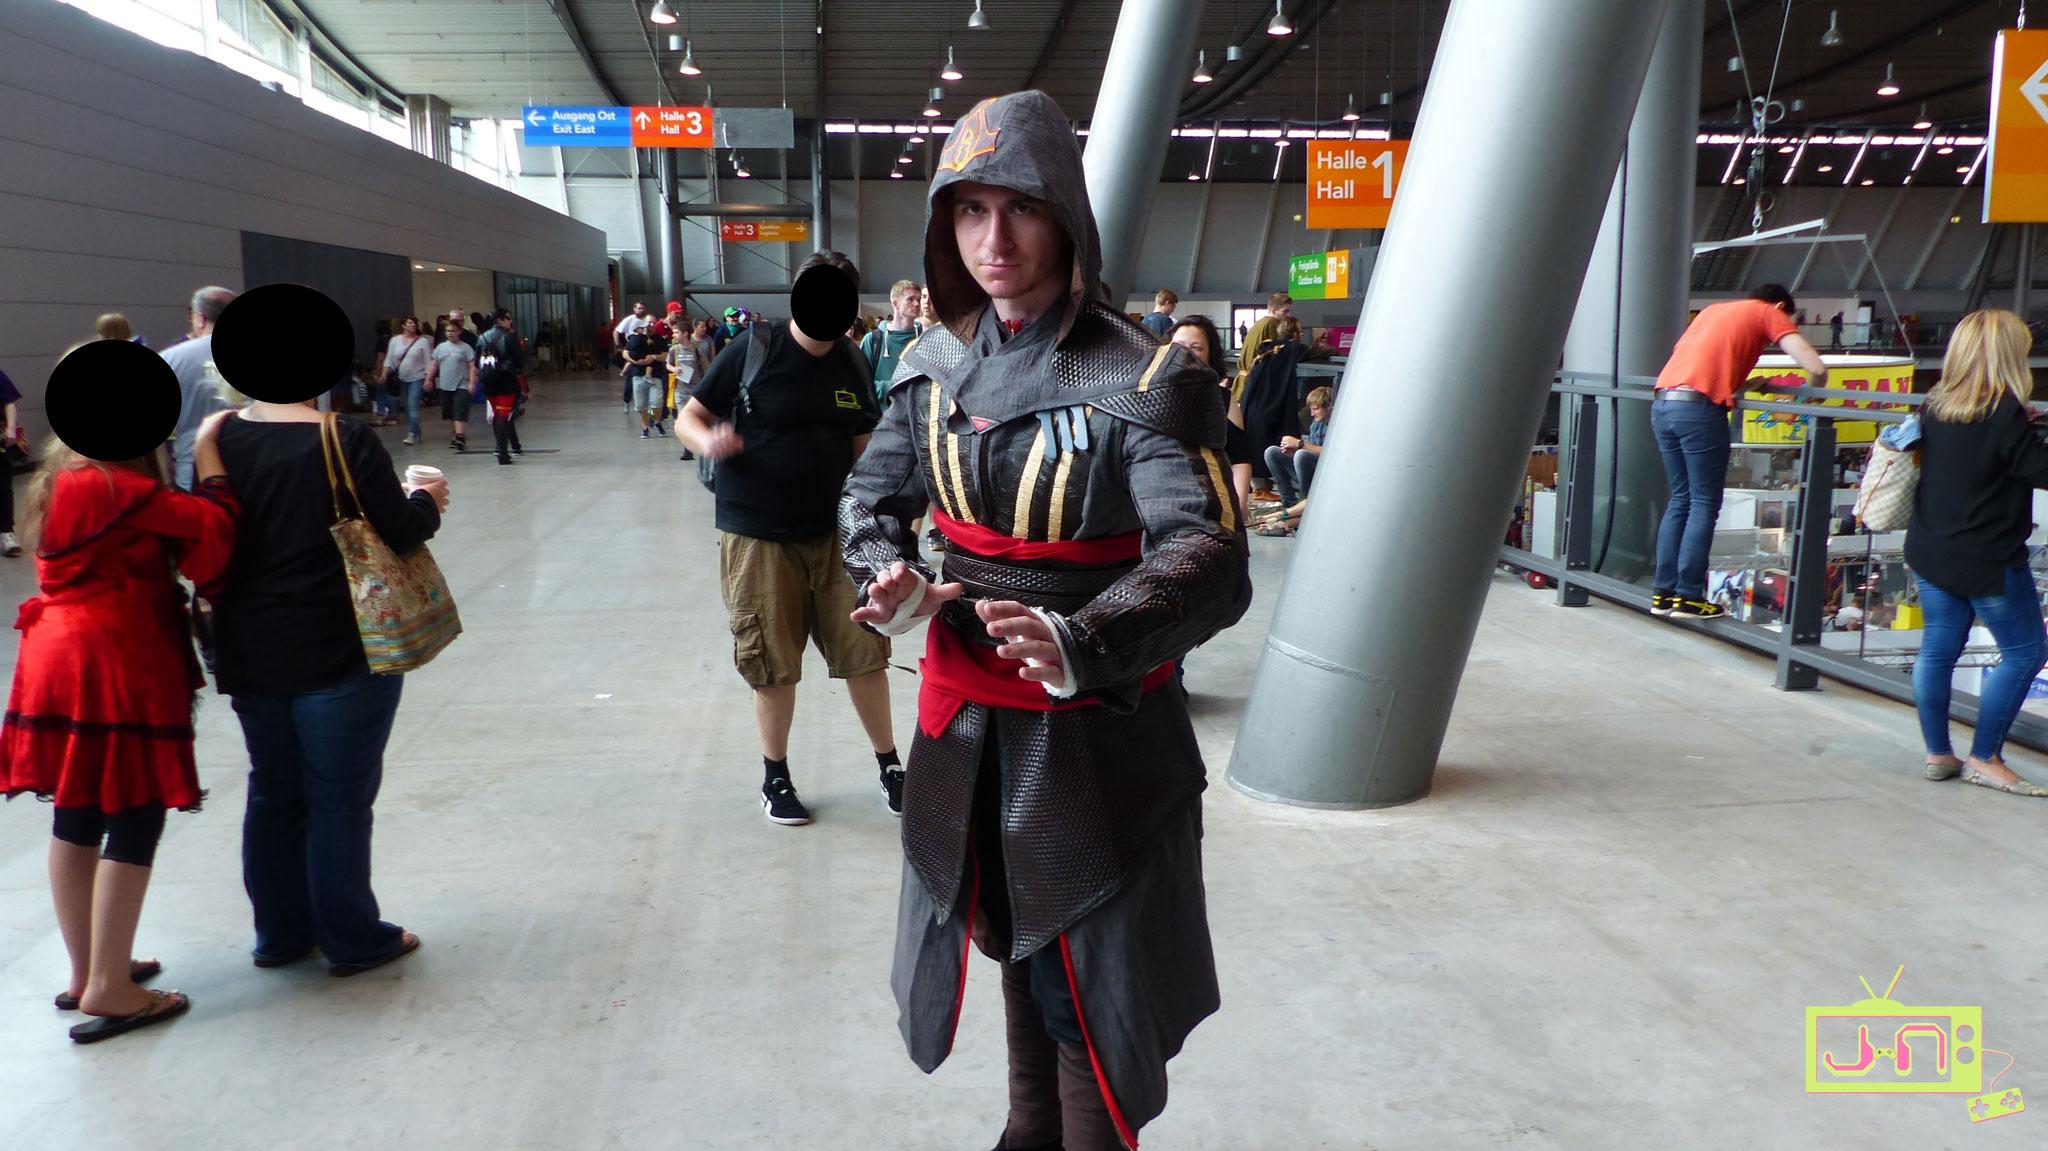 Hoffentlich bemerkt Ezio den Photobomber im Hintergrund nicht.